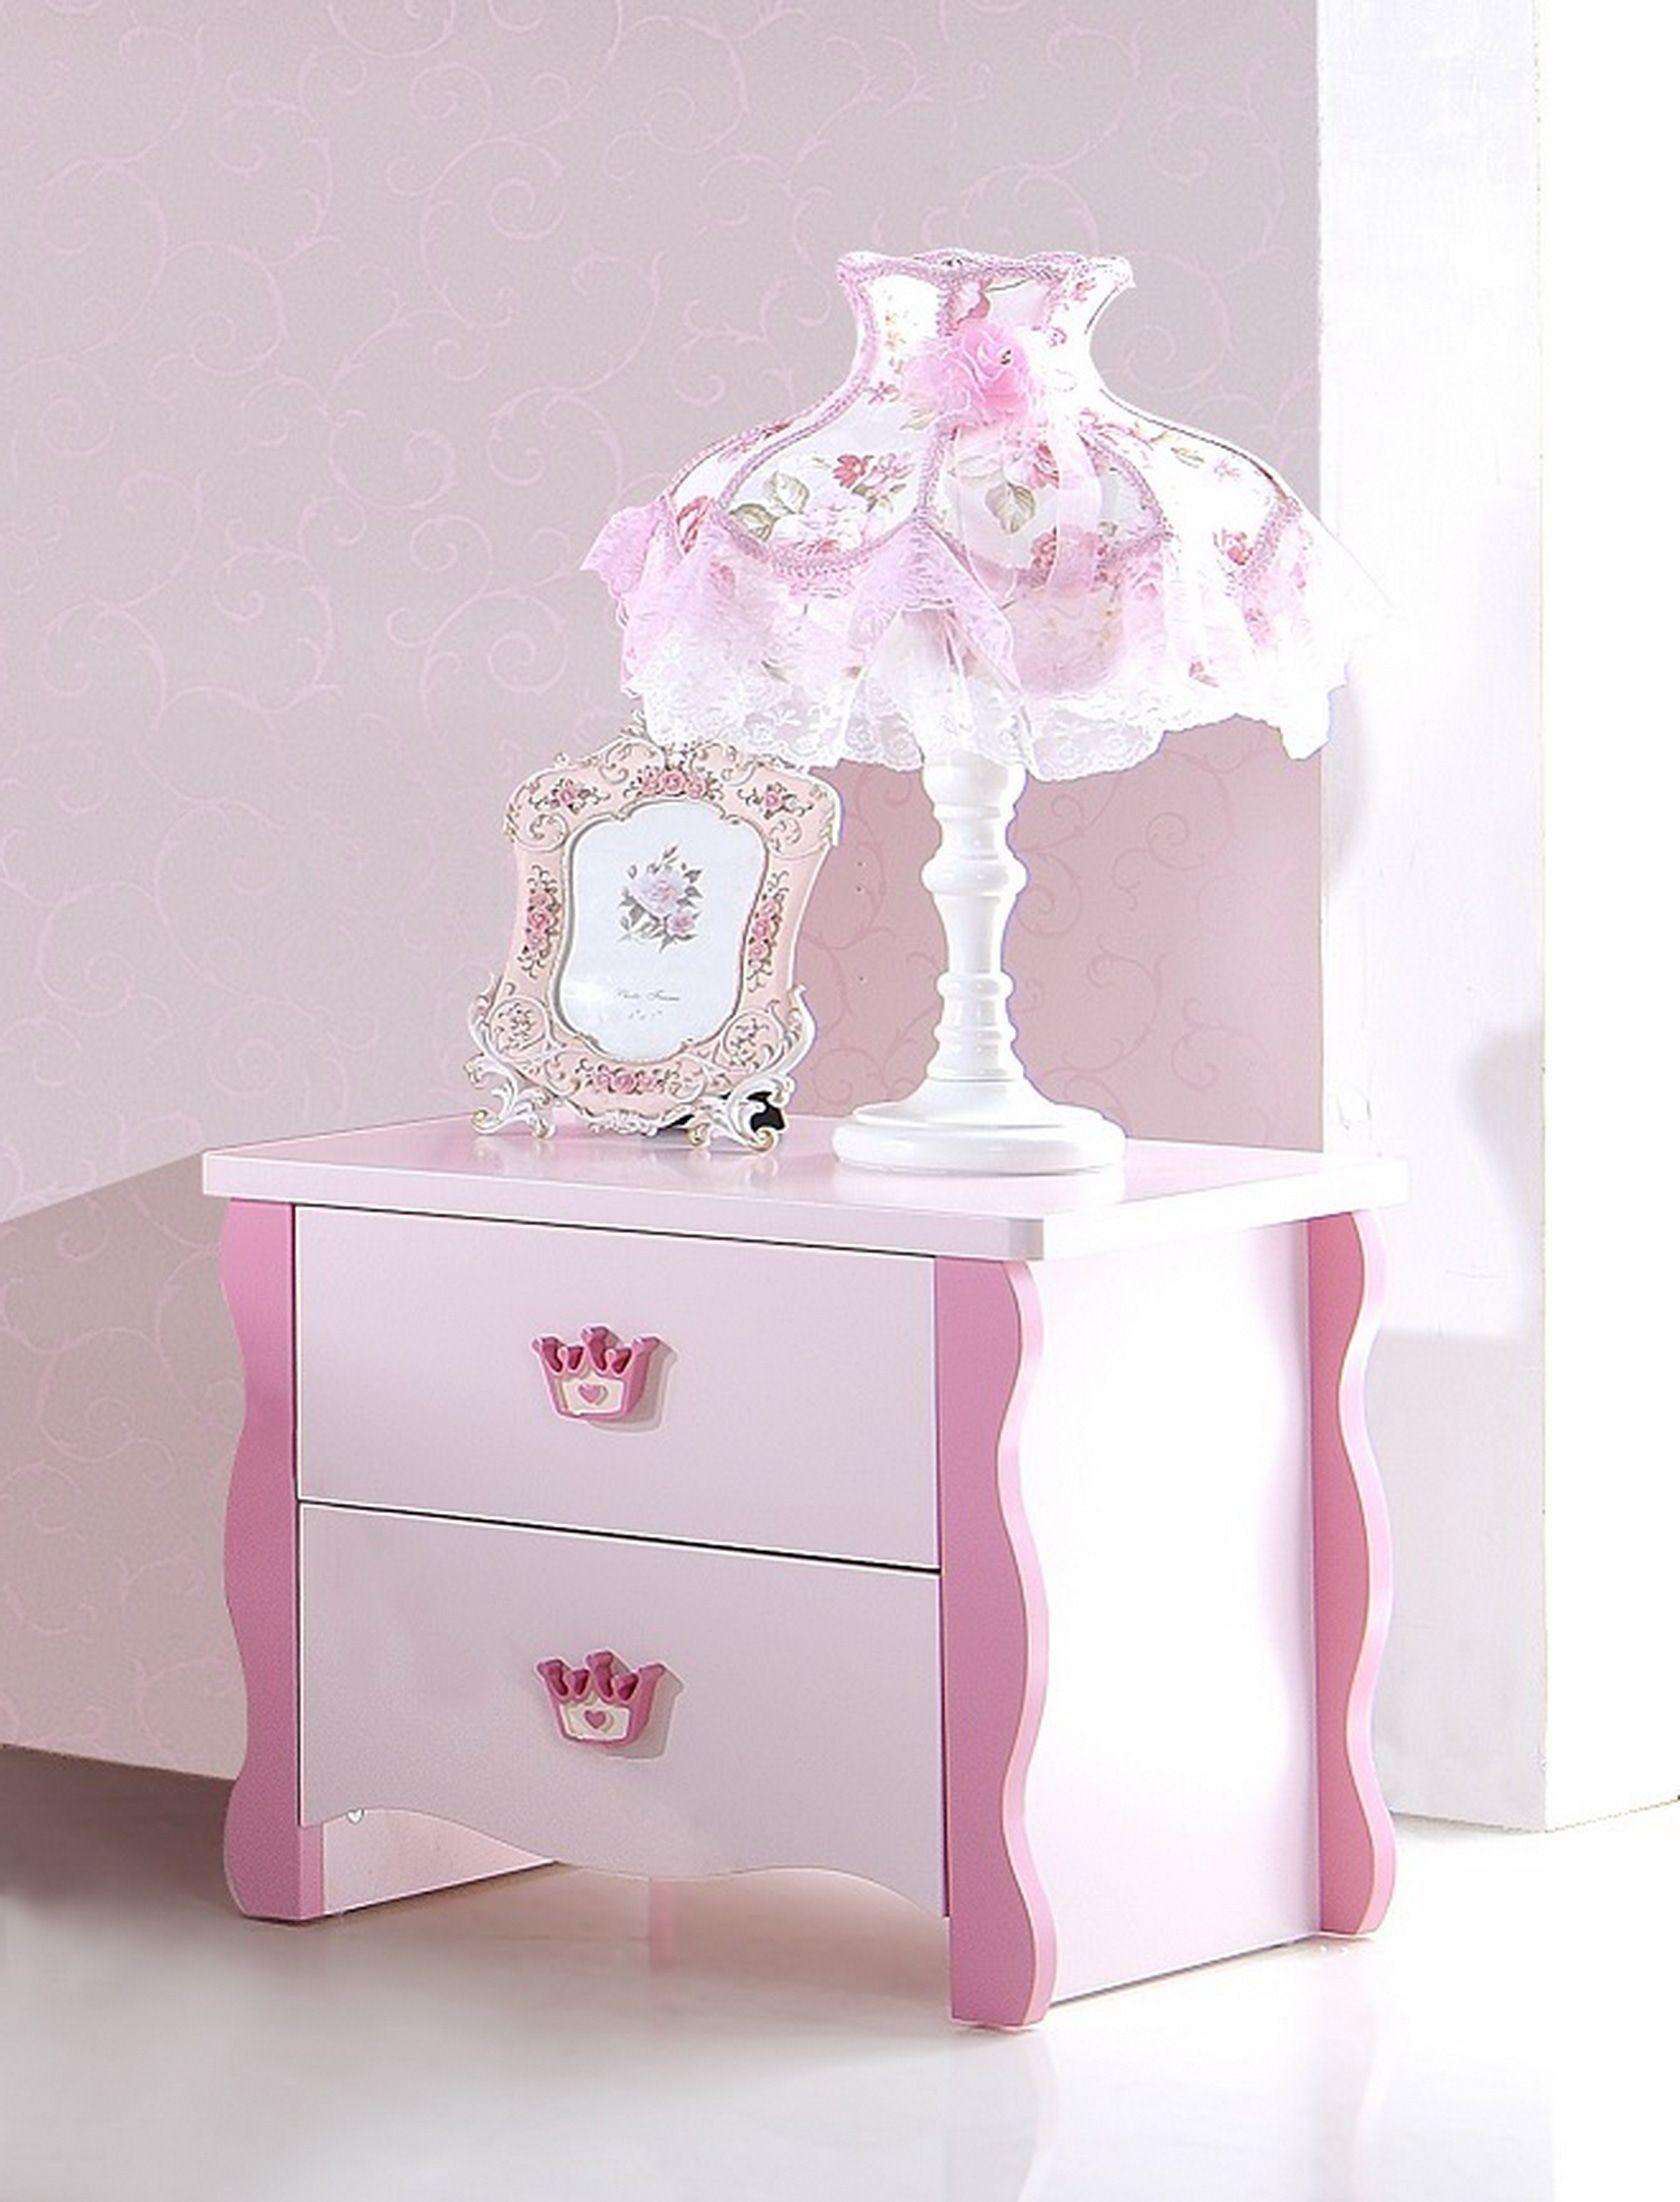 Table De Chevet Enfant Design Princesse Rose Table De Chevet Enfant Chevet Enfant Table De Chevet